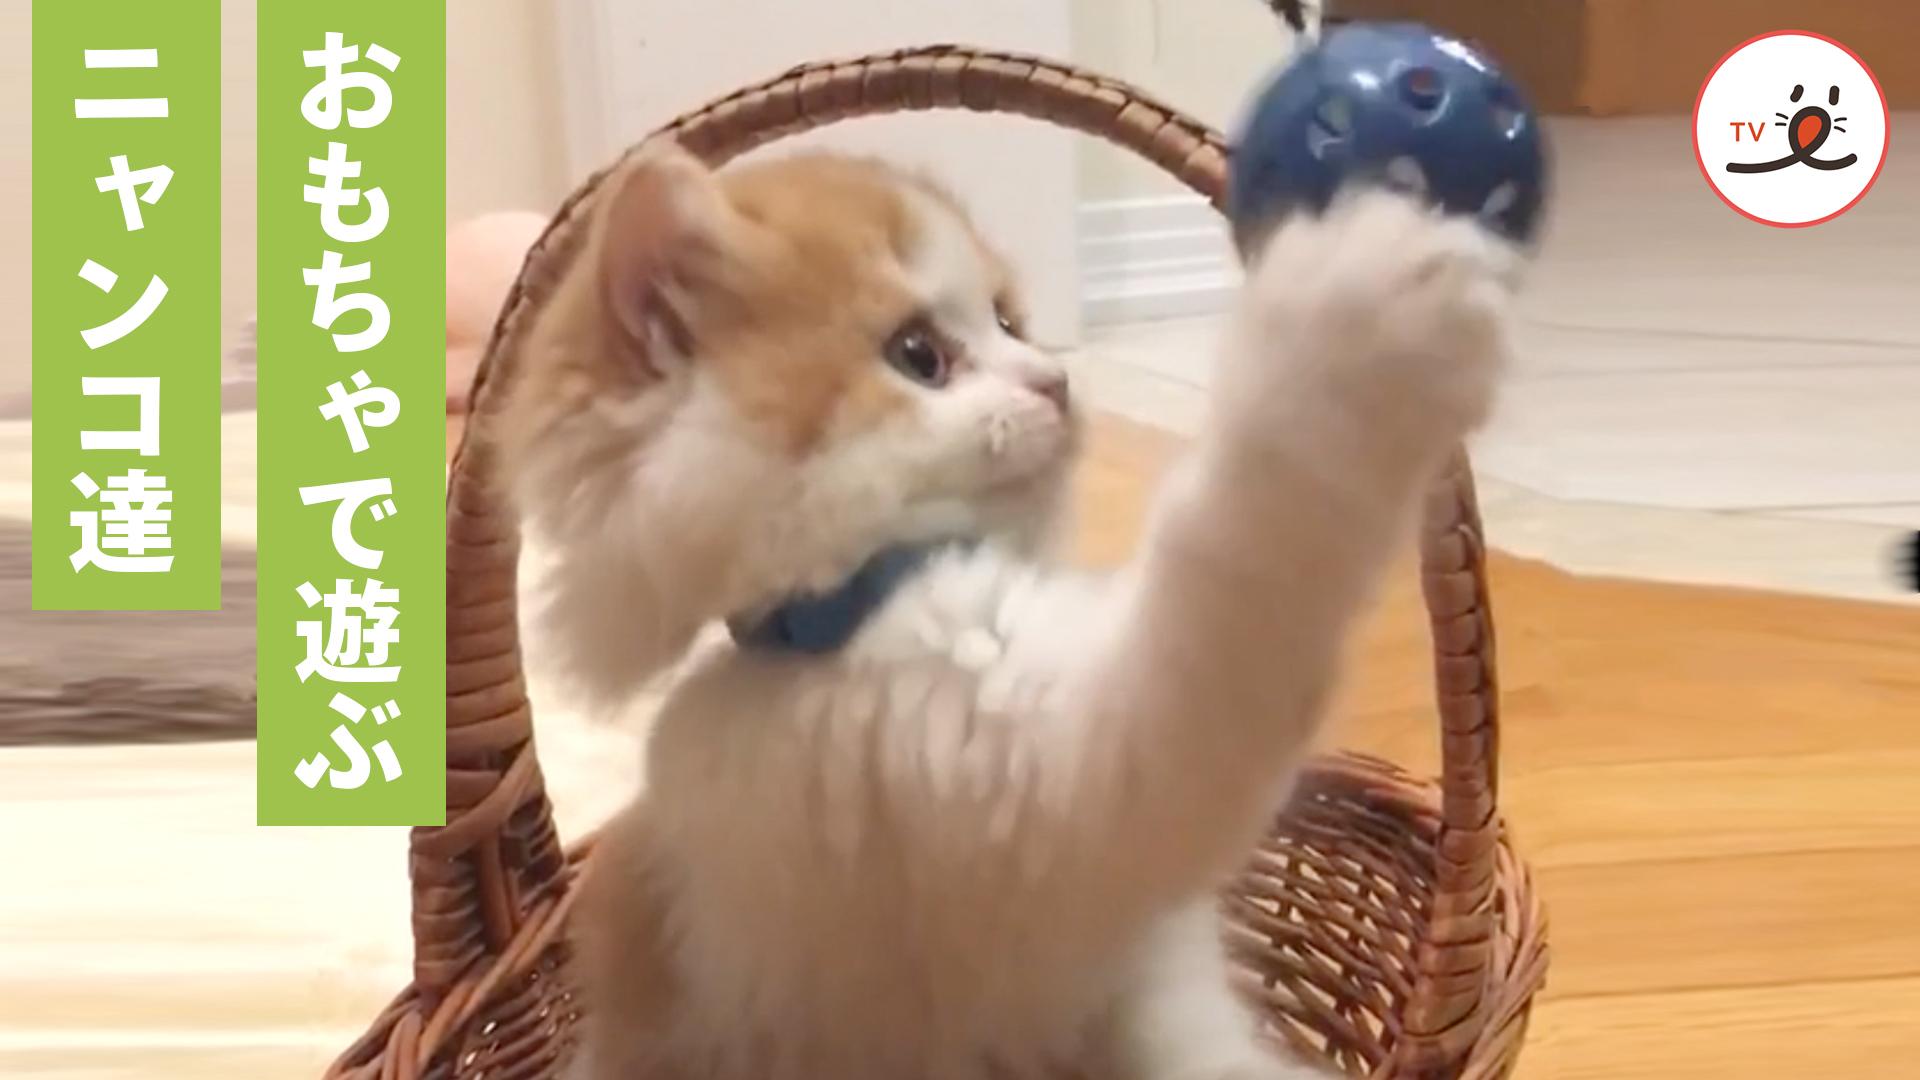 おもちゃに興味津々👀 楽しそうに遊ぶ天使のような子猫たち💕